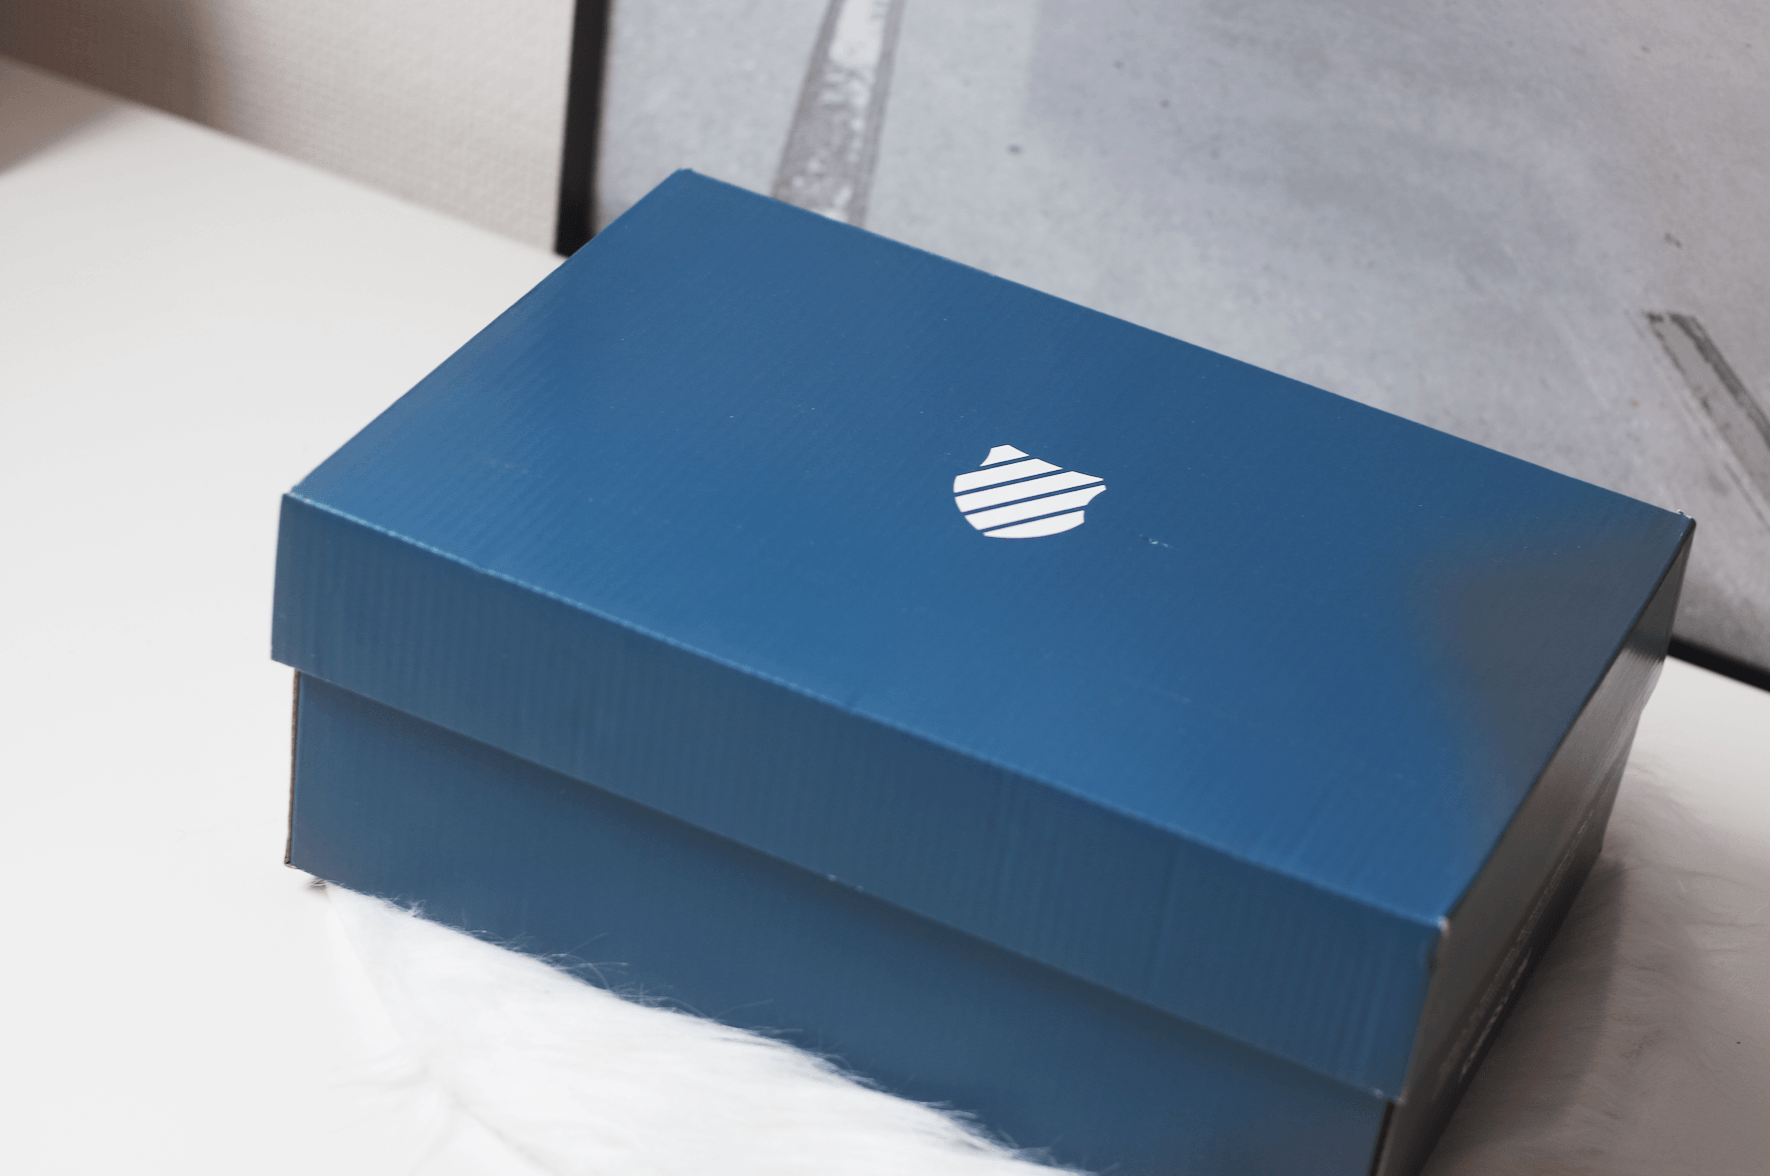 k-swiss schoenen